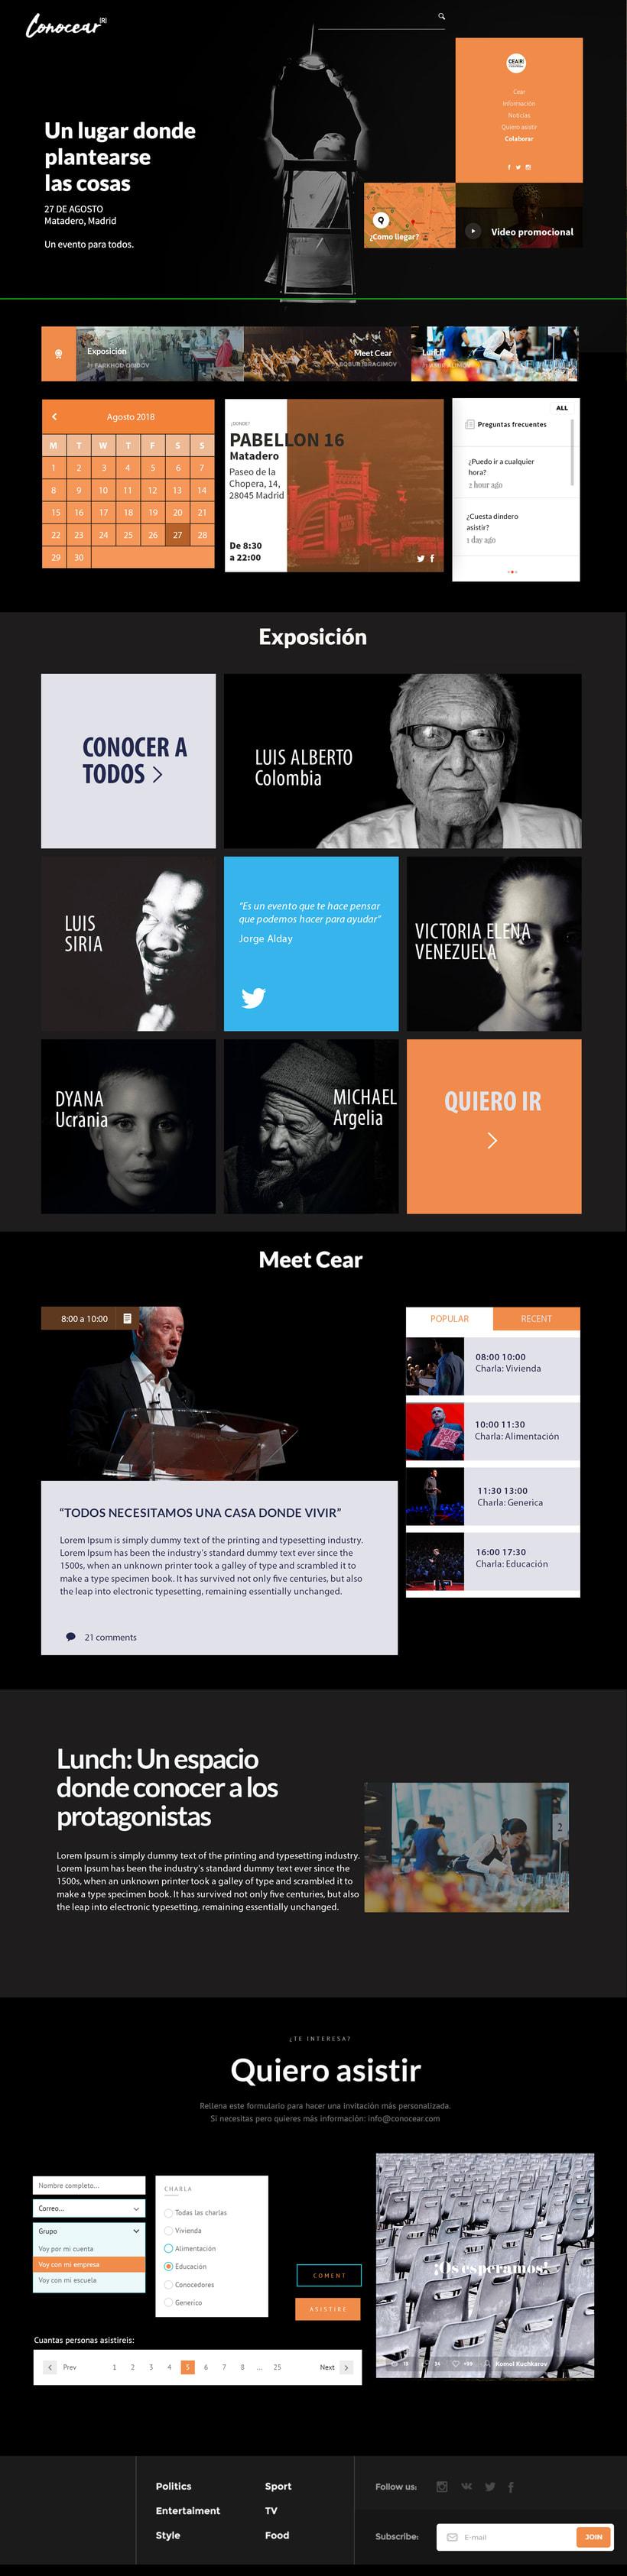 Diseño UI Conocear, Proyecto personal 2